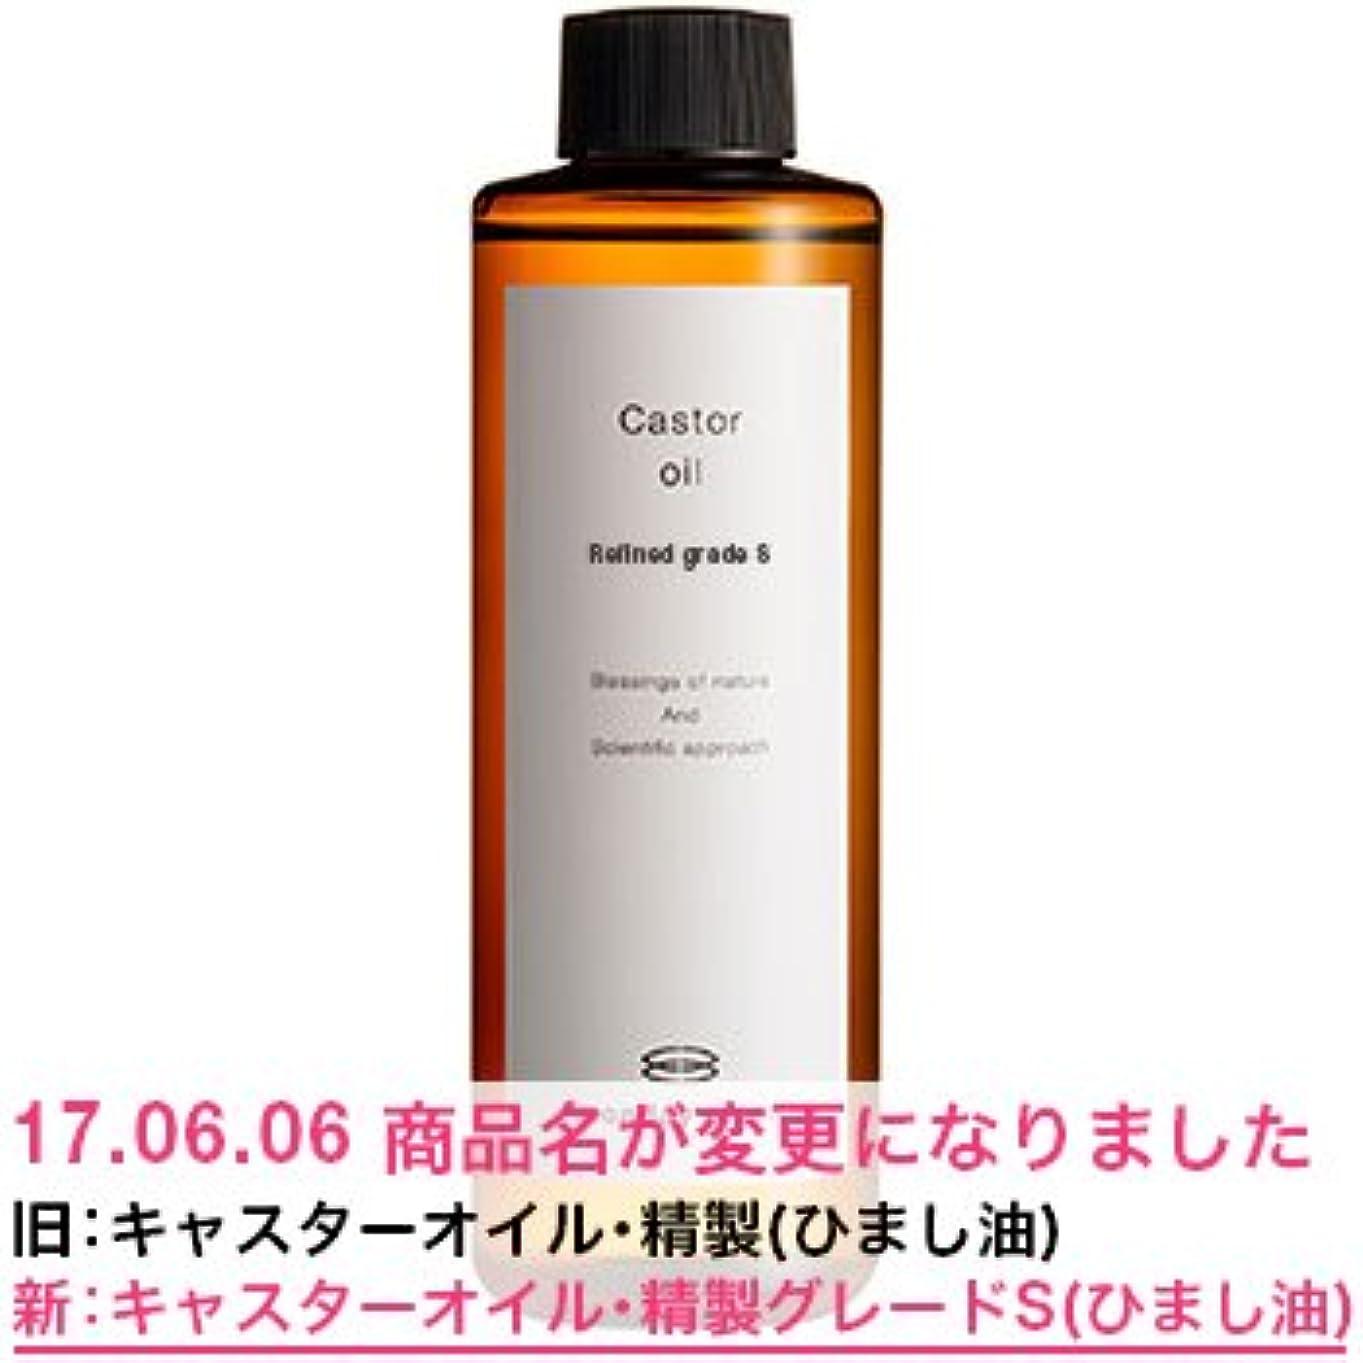 同一の不要良性キャスターオイル?精製グレードS(ひまし油)/200ml